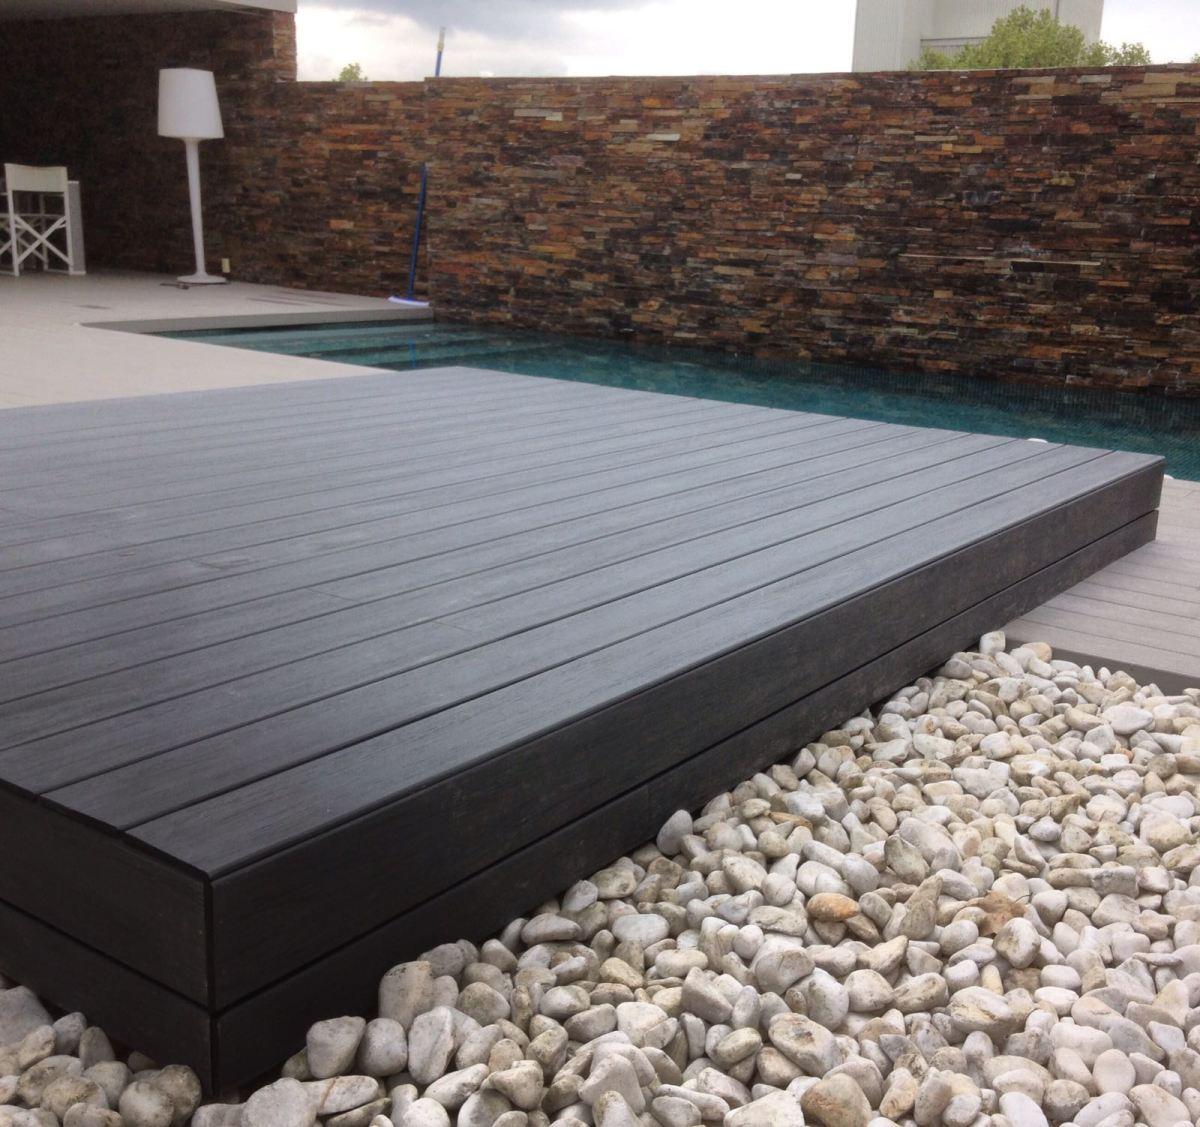 Promida tarima exterior Thimbertech piscina